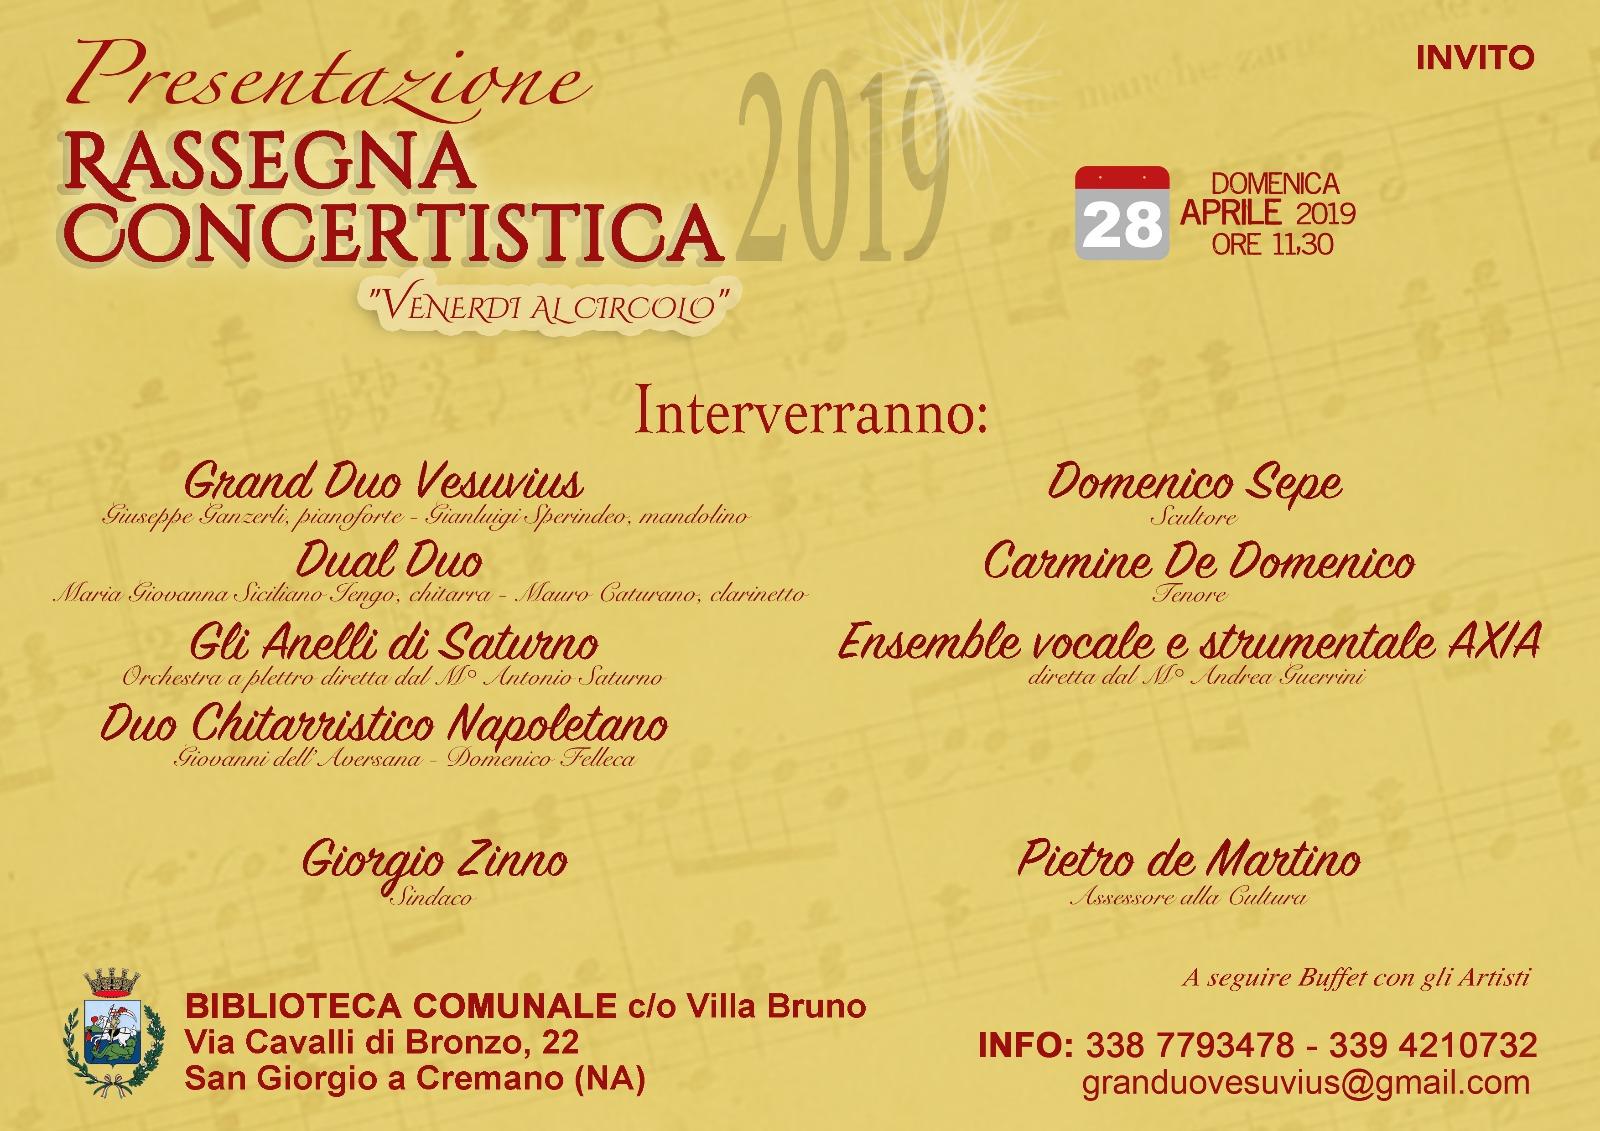 """Presentazione Rassegna Concertistica """" Venerdì al Circolo"""""""